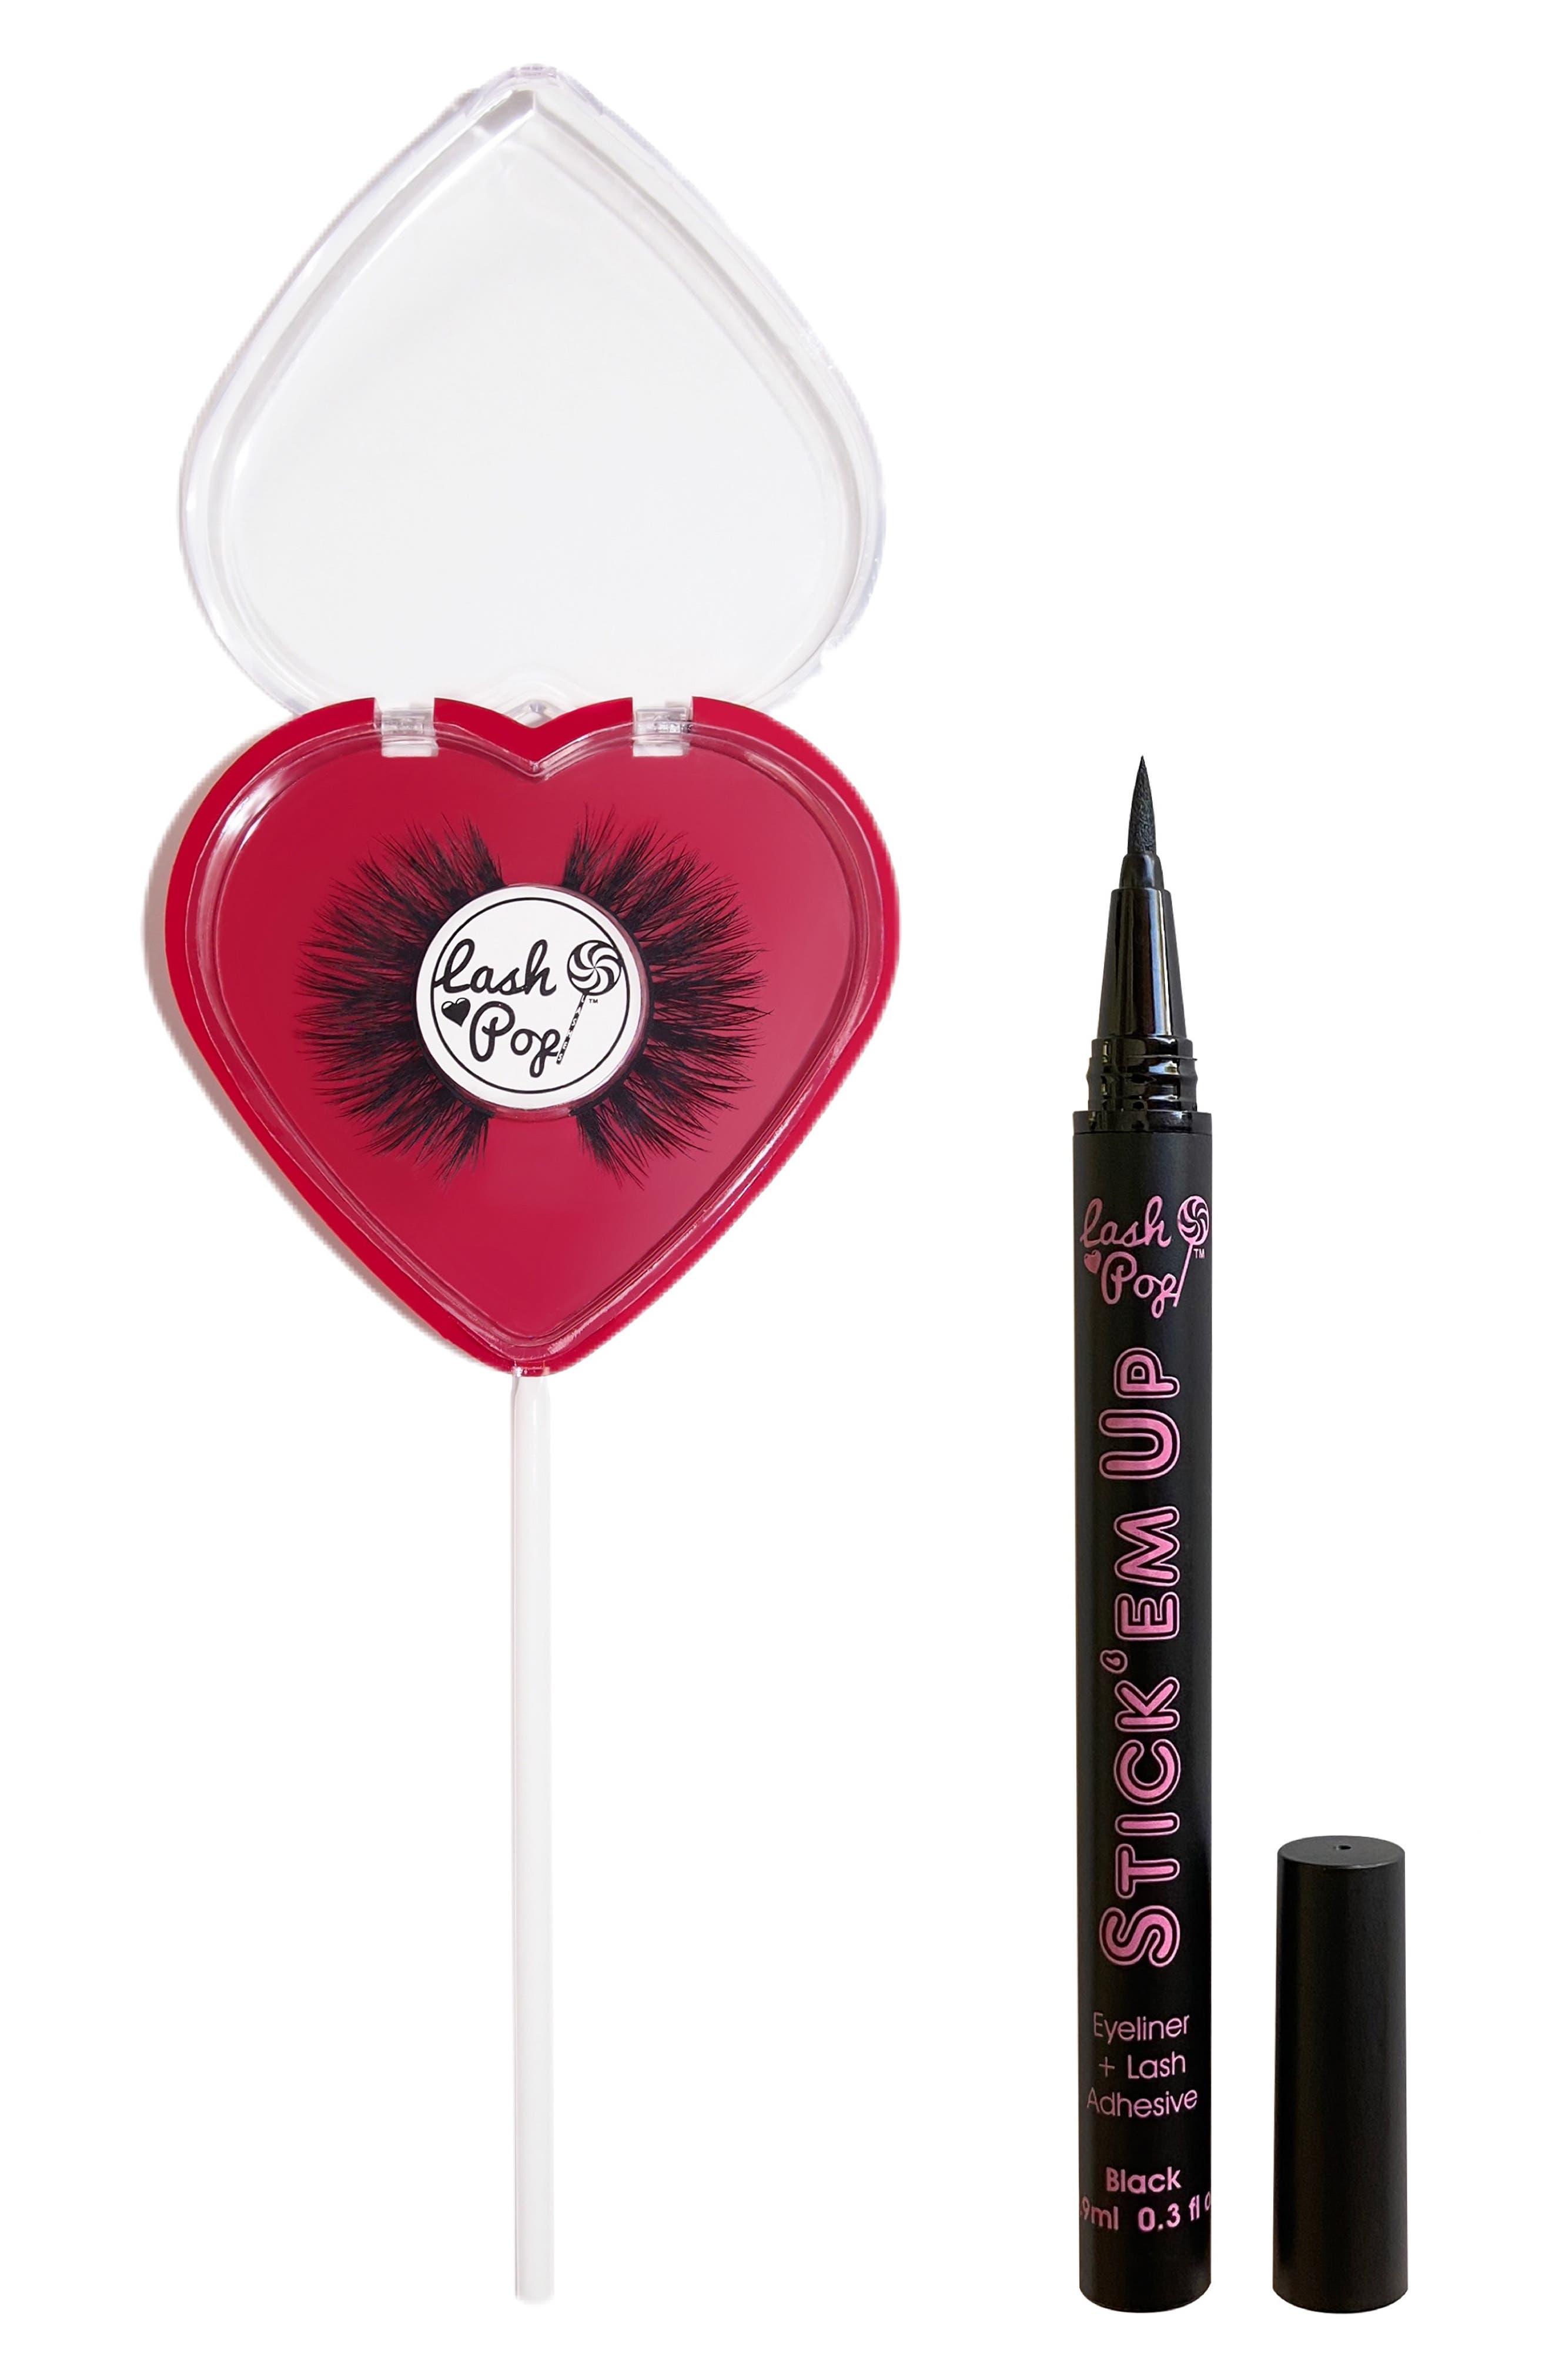 Sexy Love False Eyelashes & Stick 'Em Up 2-In-1 Eyeliner & Lash Adhesive Set